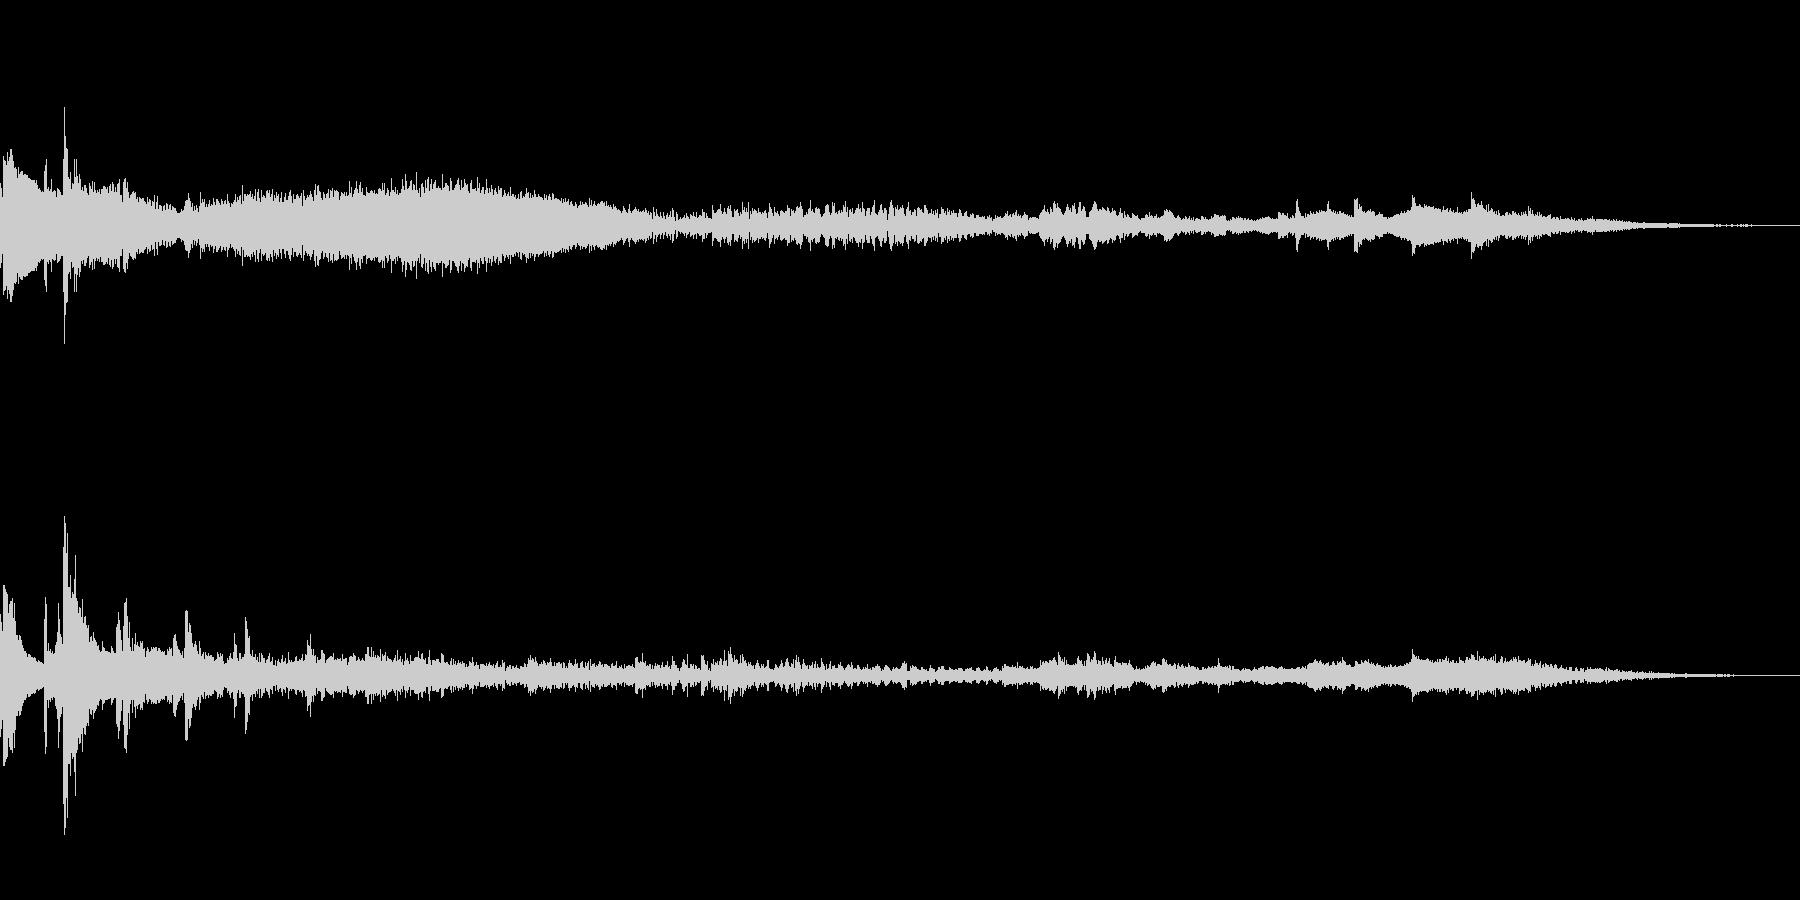 振り子時計がテーマのアイキャッチの未再生の波形